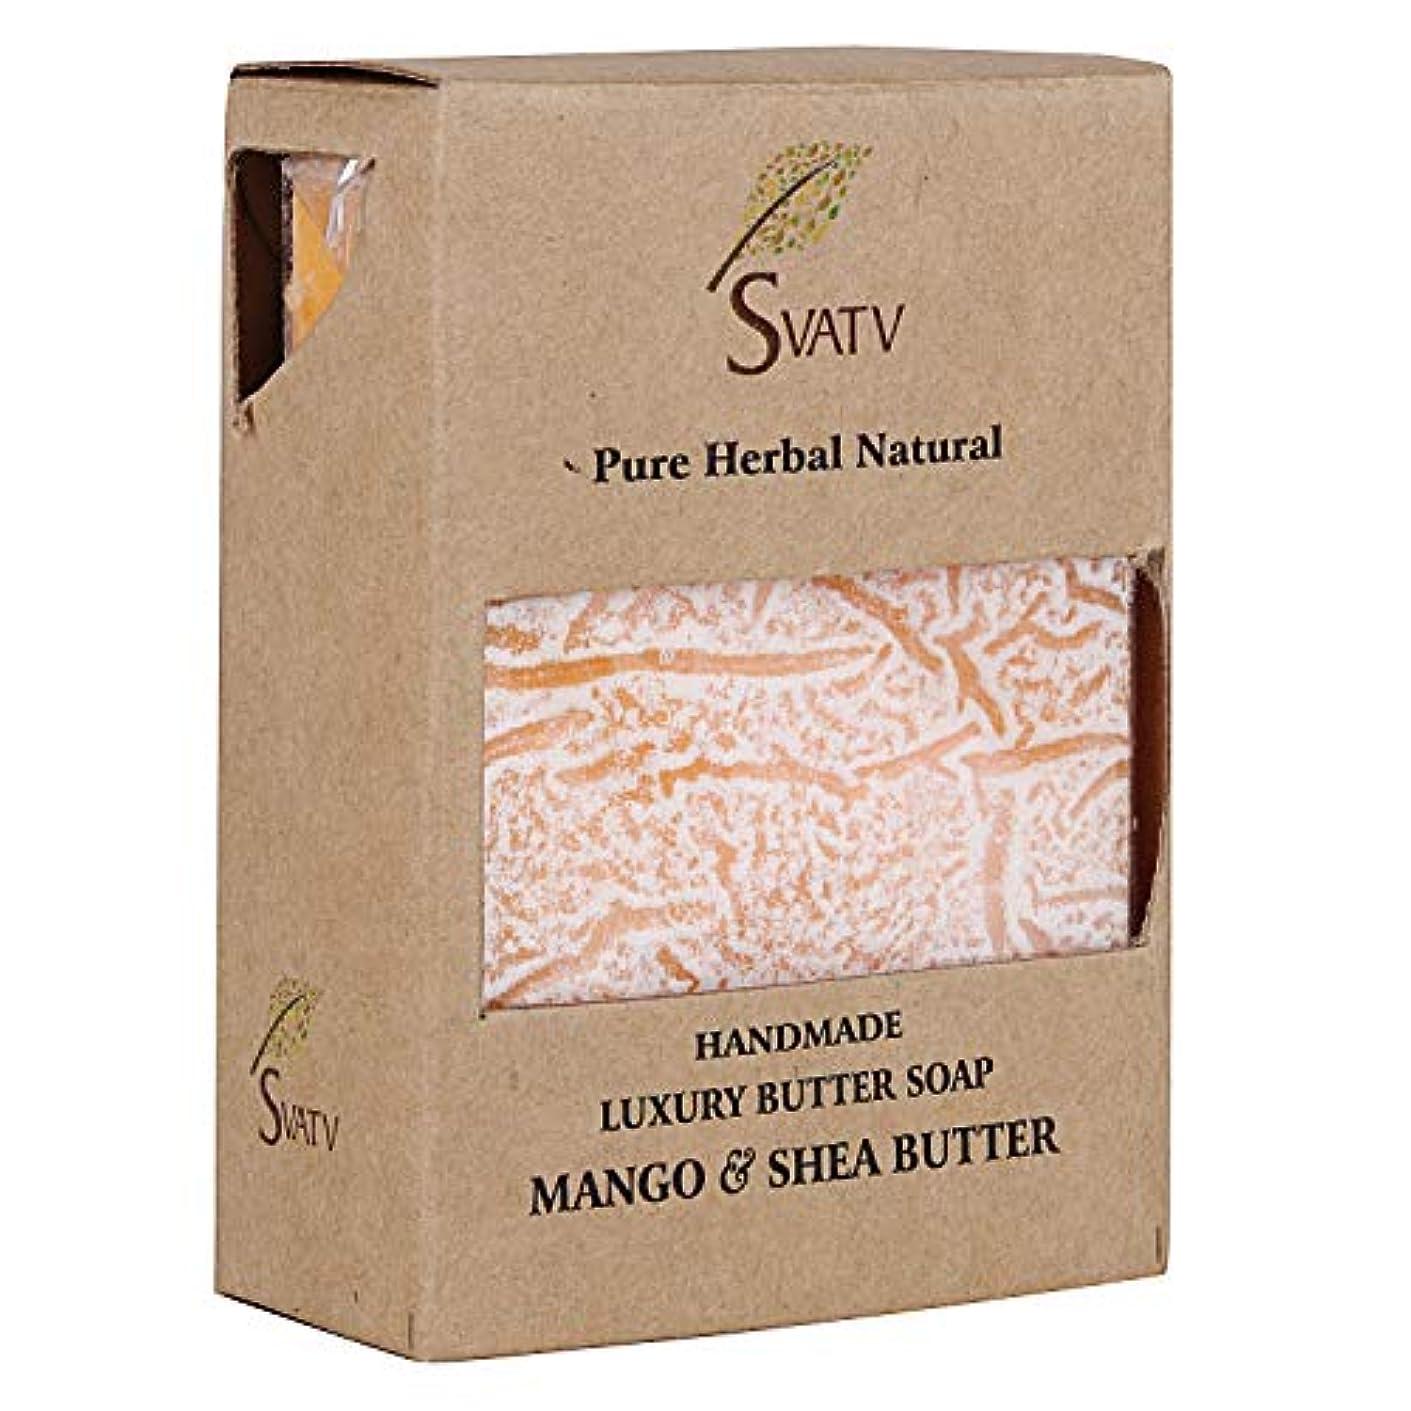 アンビエント壊れた財団SVATV Handmade Luxury Butter Soap Mango & Shea Butter For All Skin types 100g Bar